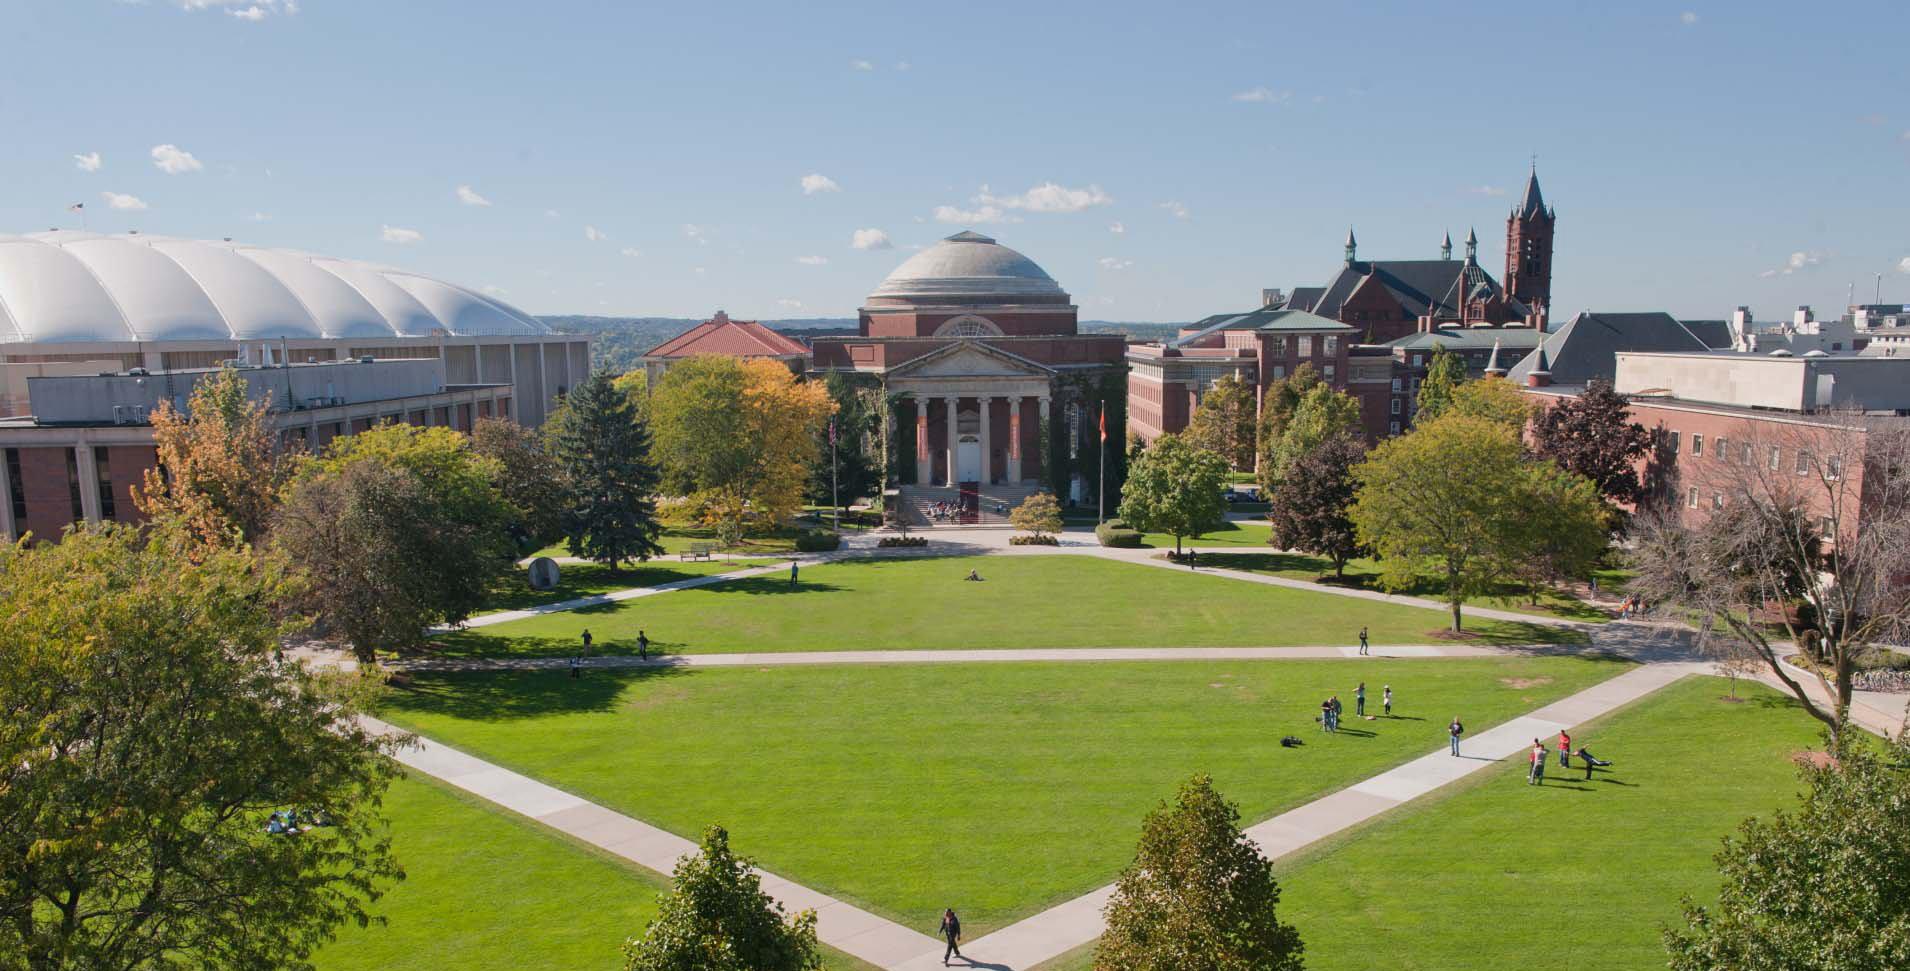 Boston University01_09_15_094741_bu2.jpg